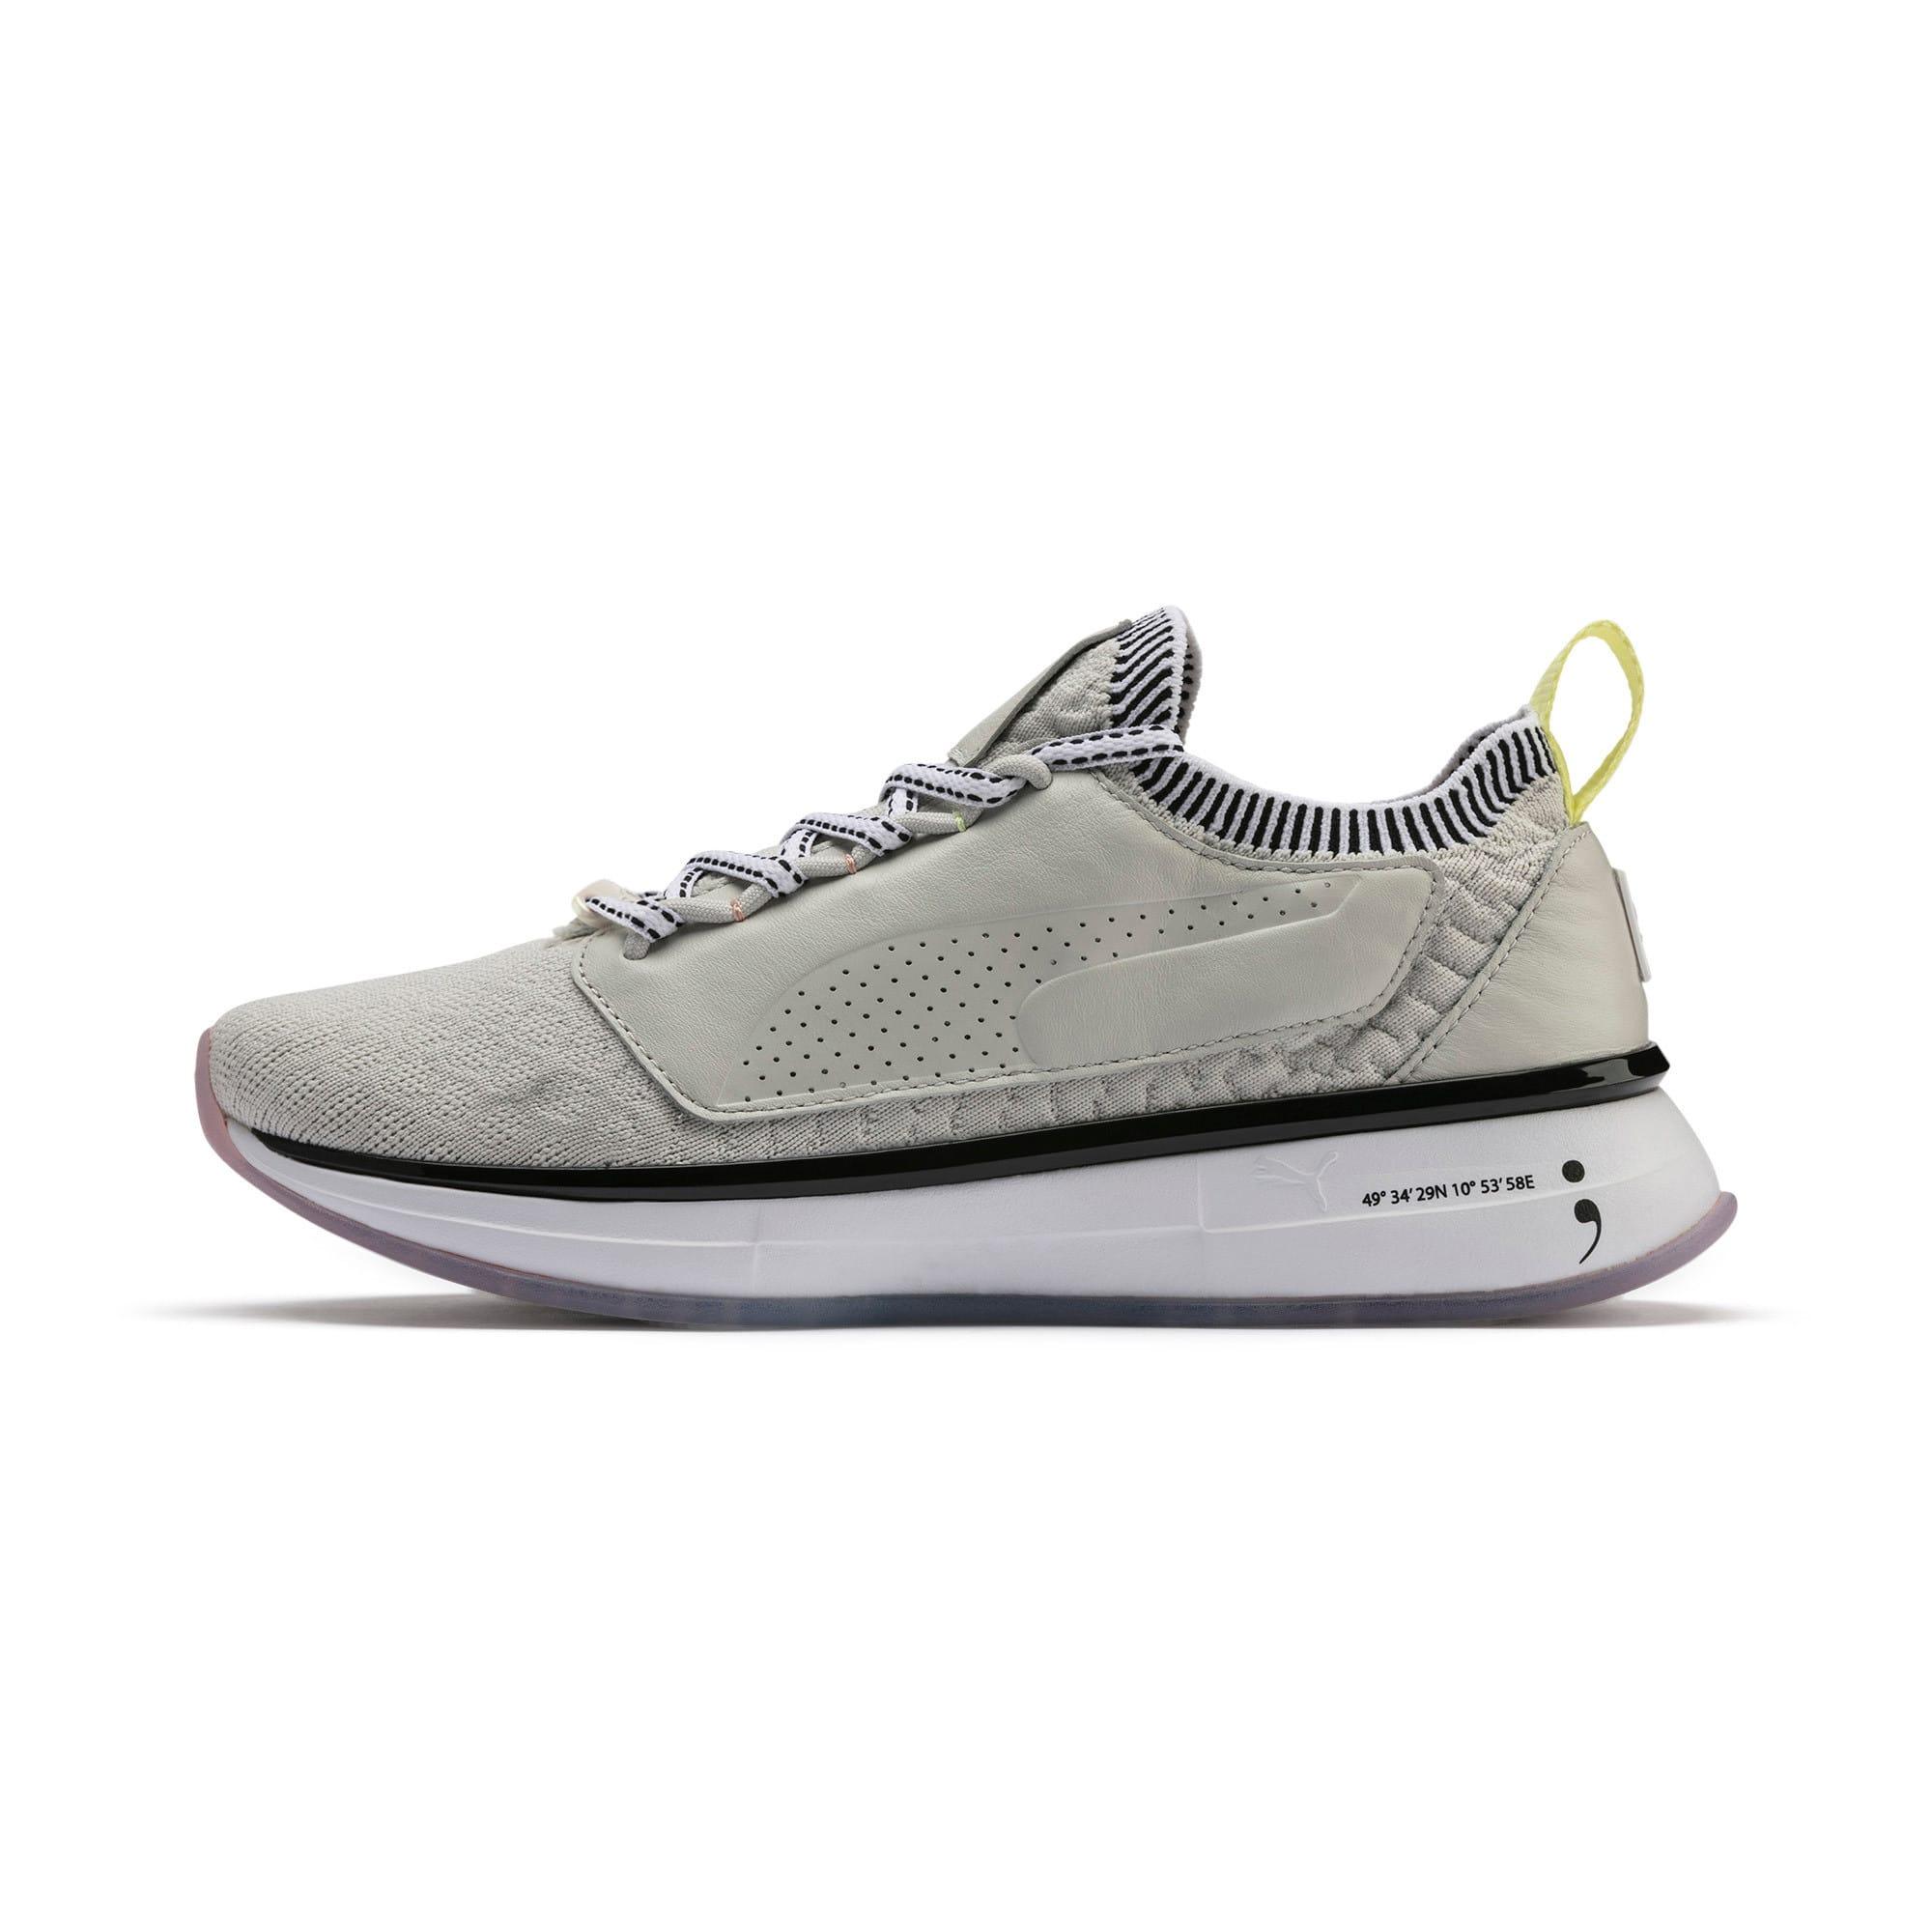 Thumbnail 1 of Chaussure pour l'entraînement PUMA x SELENA GOMEZ Runner pour femme, Glacier Gray-Puma White, medium